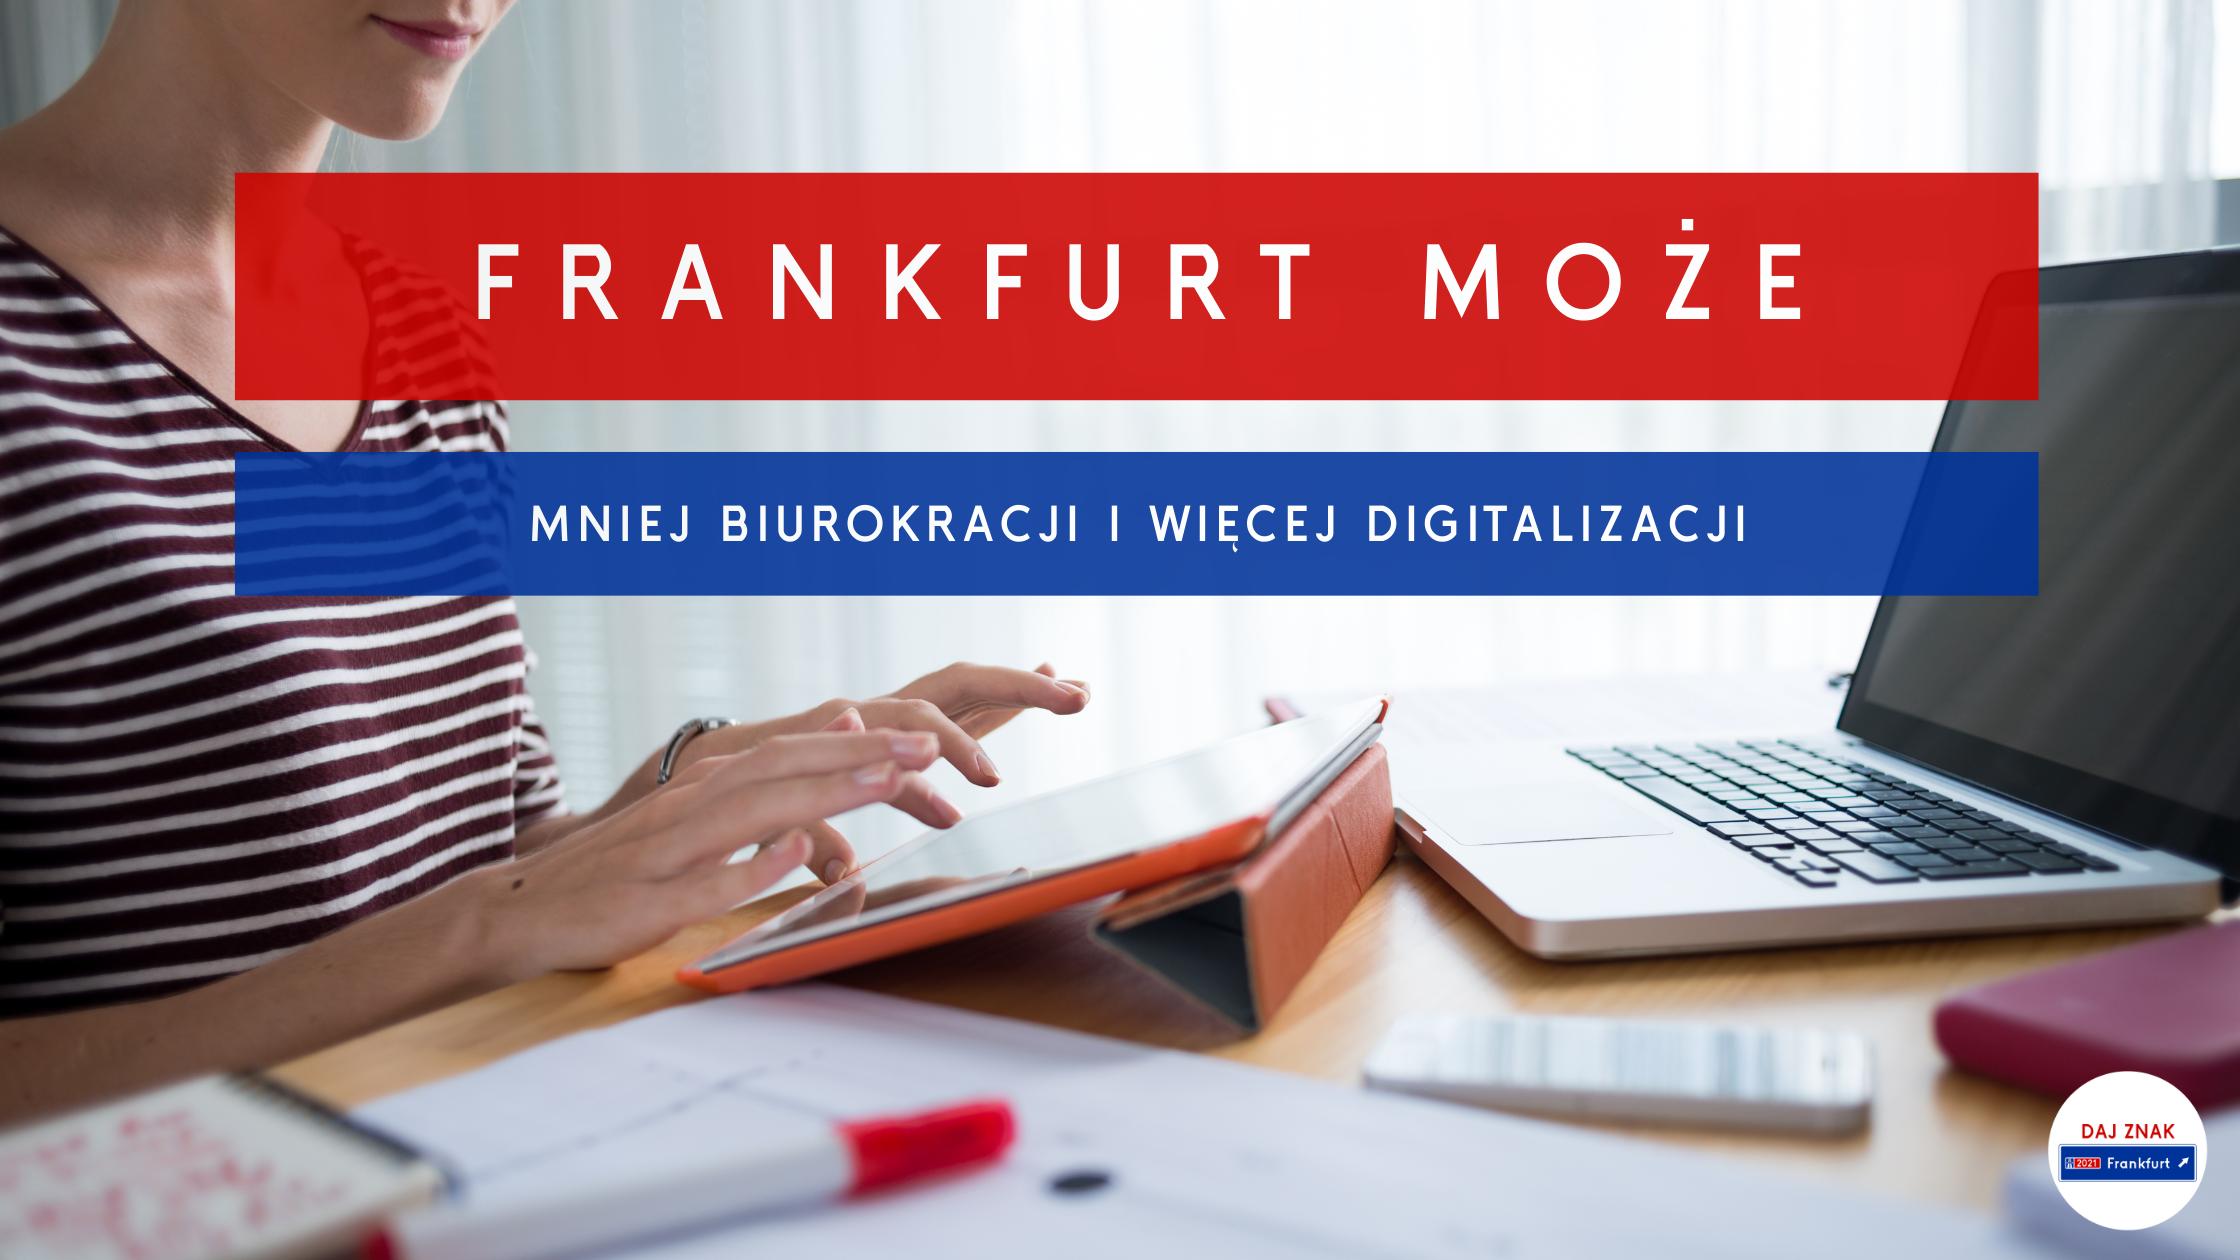 Frankfurt moŻe_mniej biurokracji i więcej digitalizacji